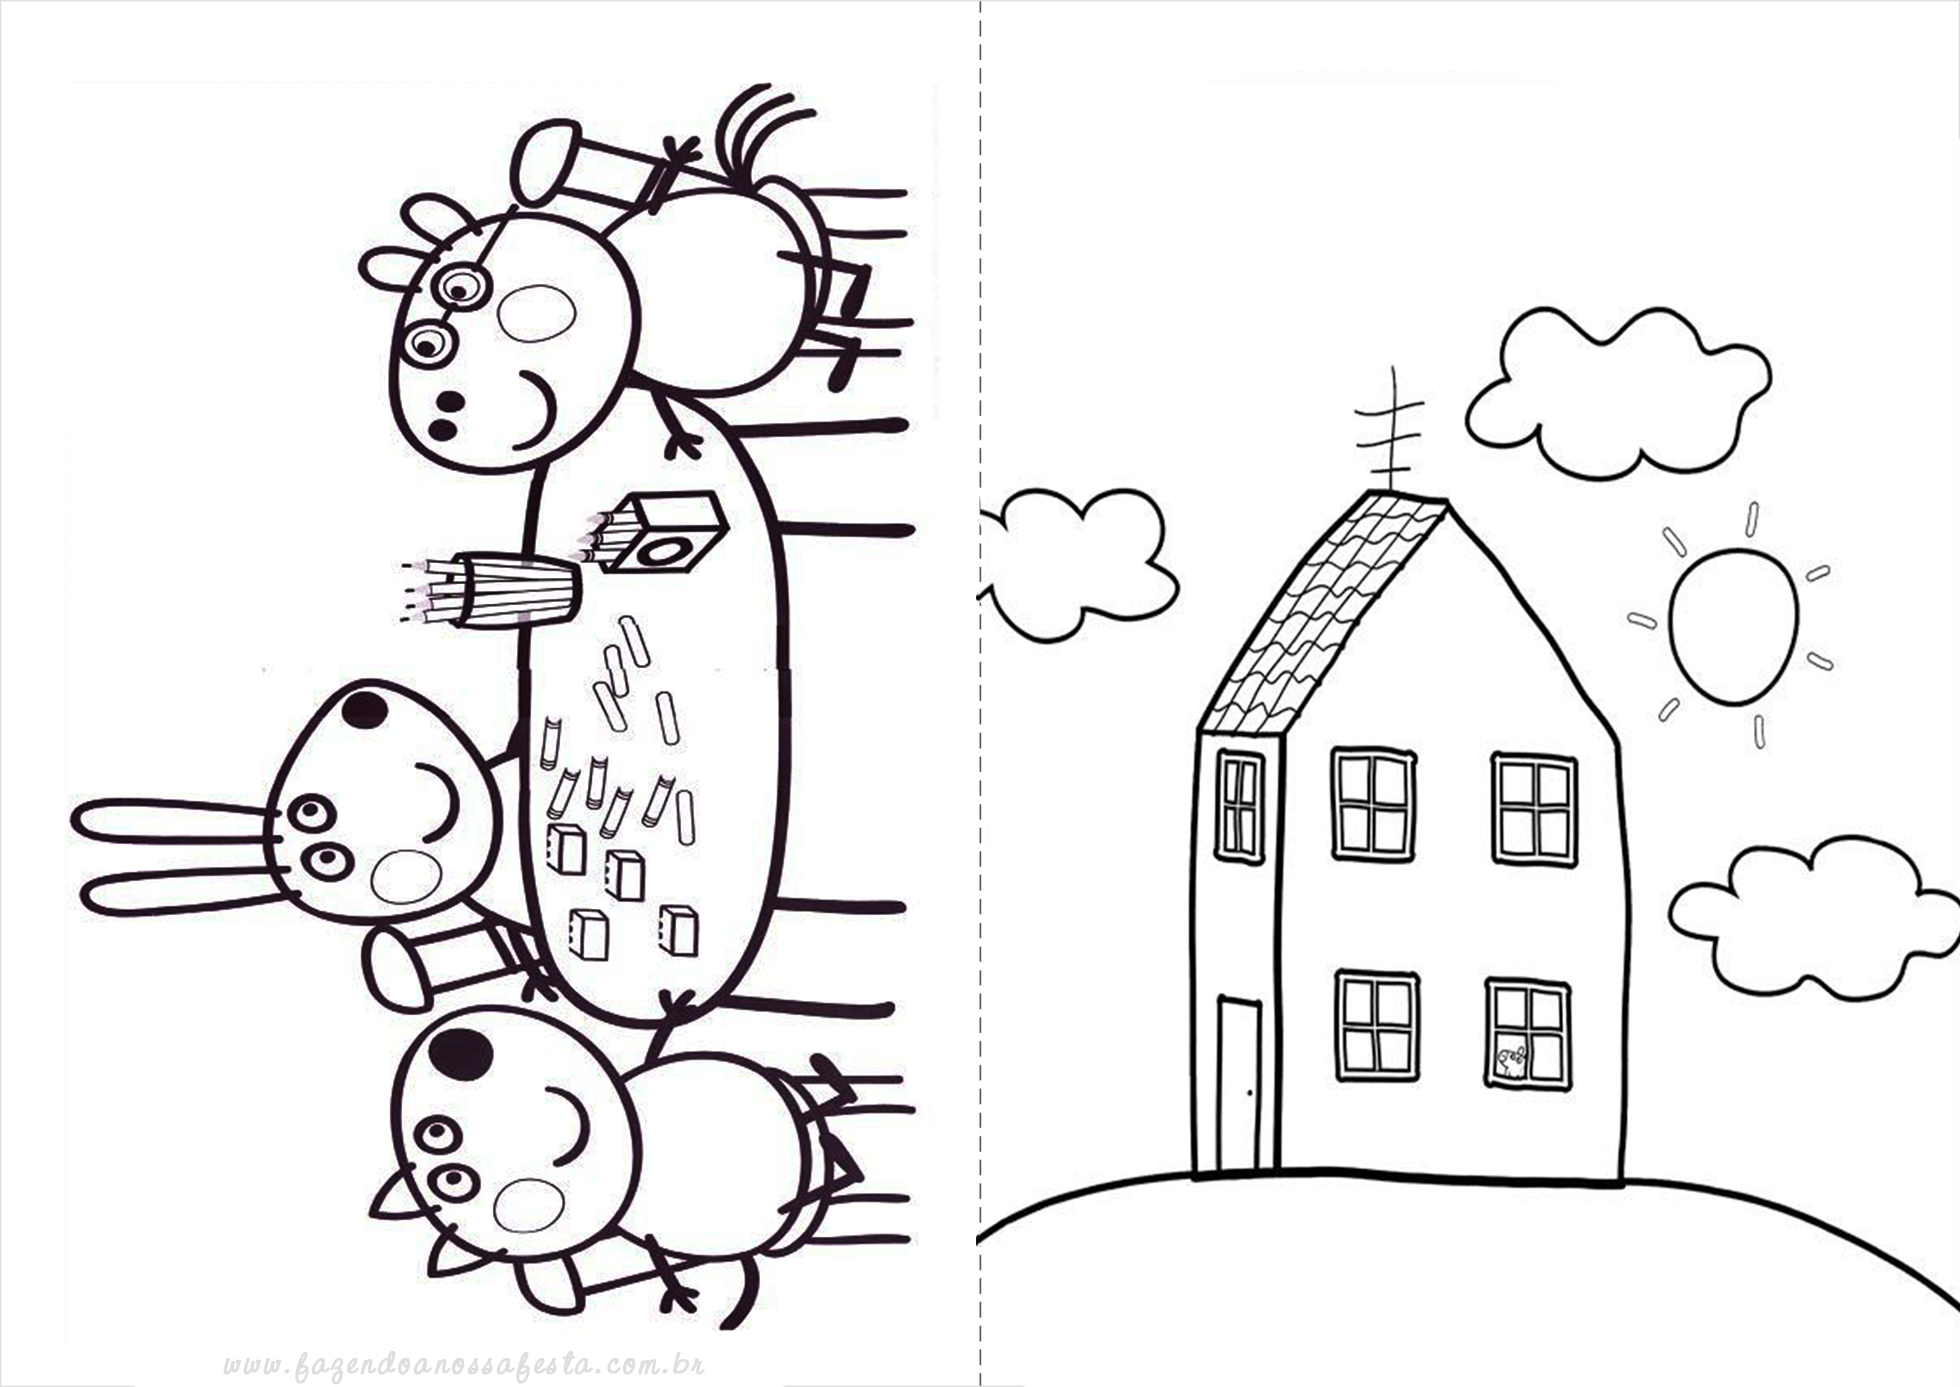 ... desenho-peppa-pig-3_ original Desenhos do Peppa Pig para colorir pintar  imprimir